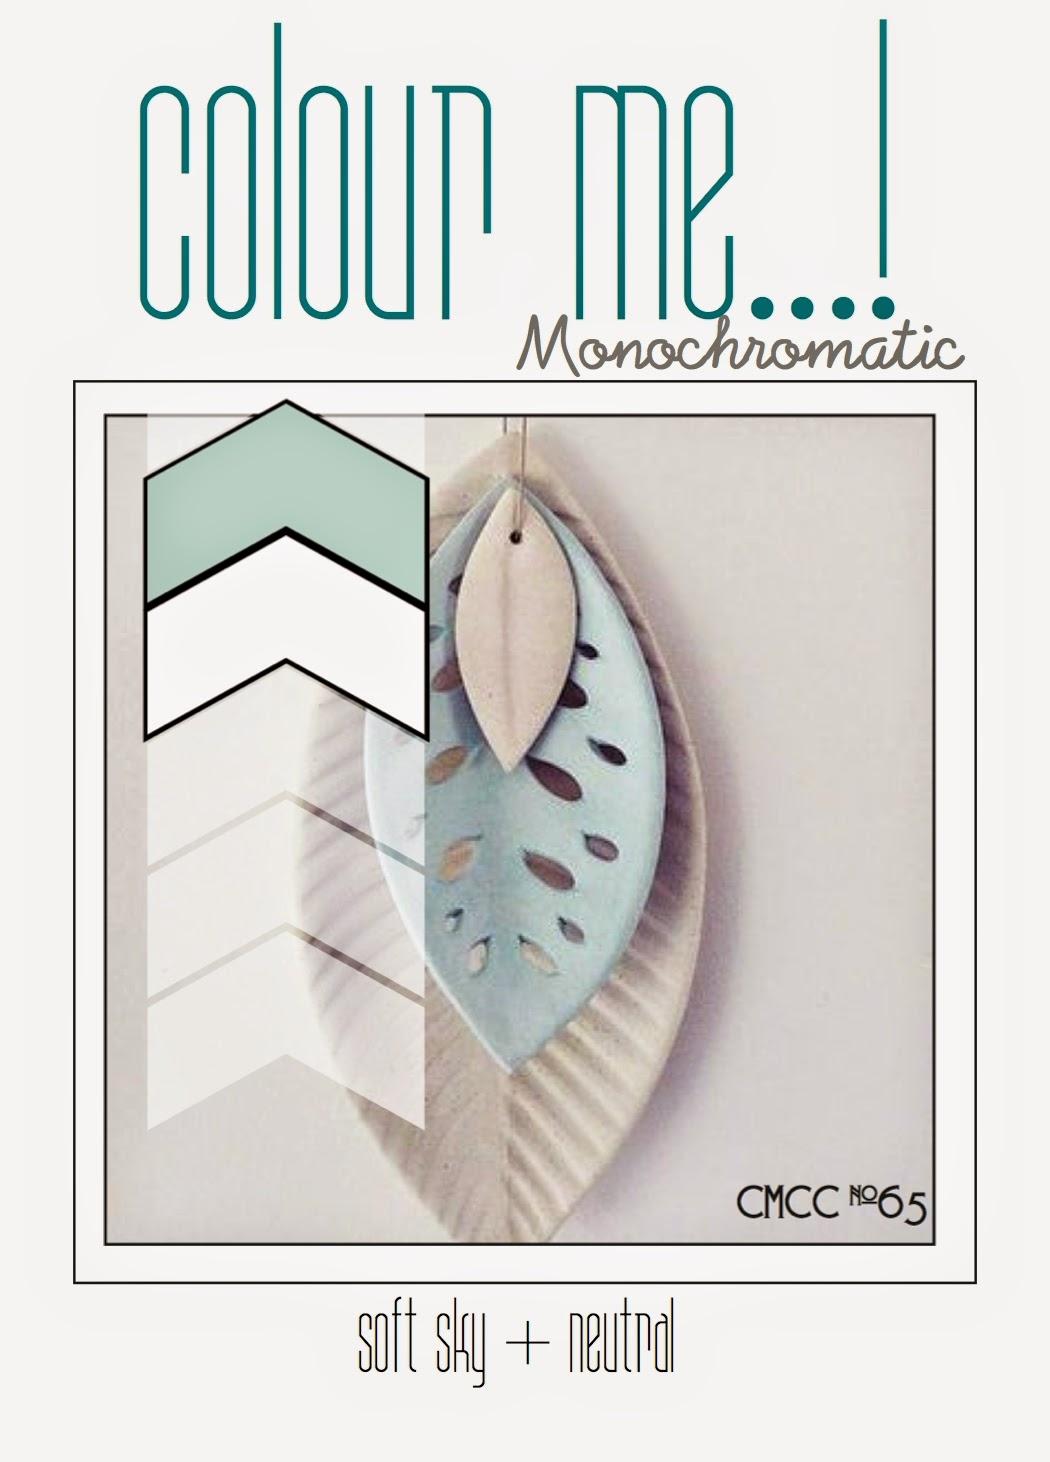 http://colourmecardchallenge.blogspot.com/2015/04/cmcc65-colour-me-monochromatic.html